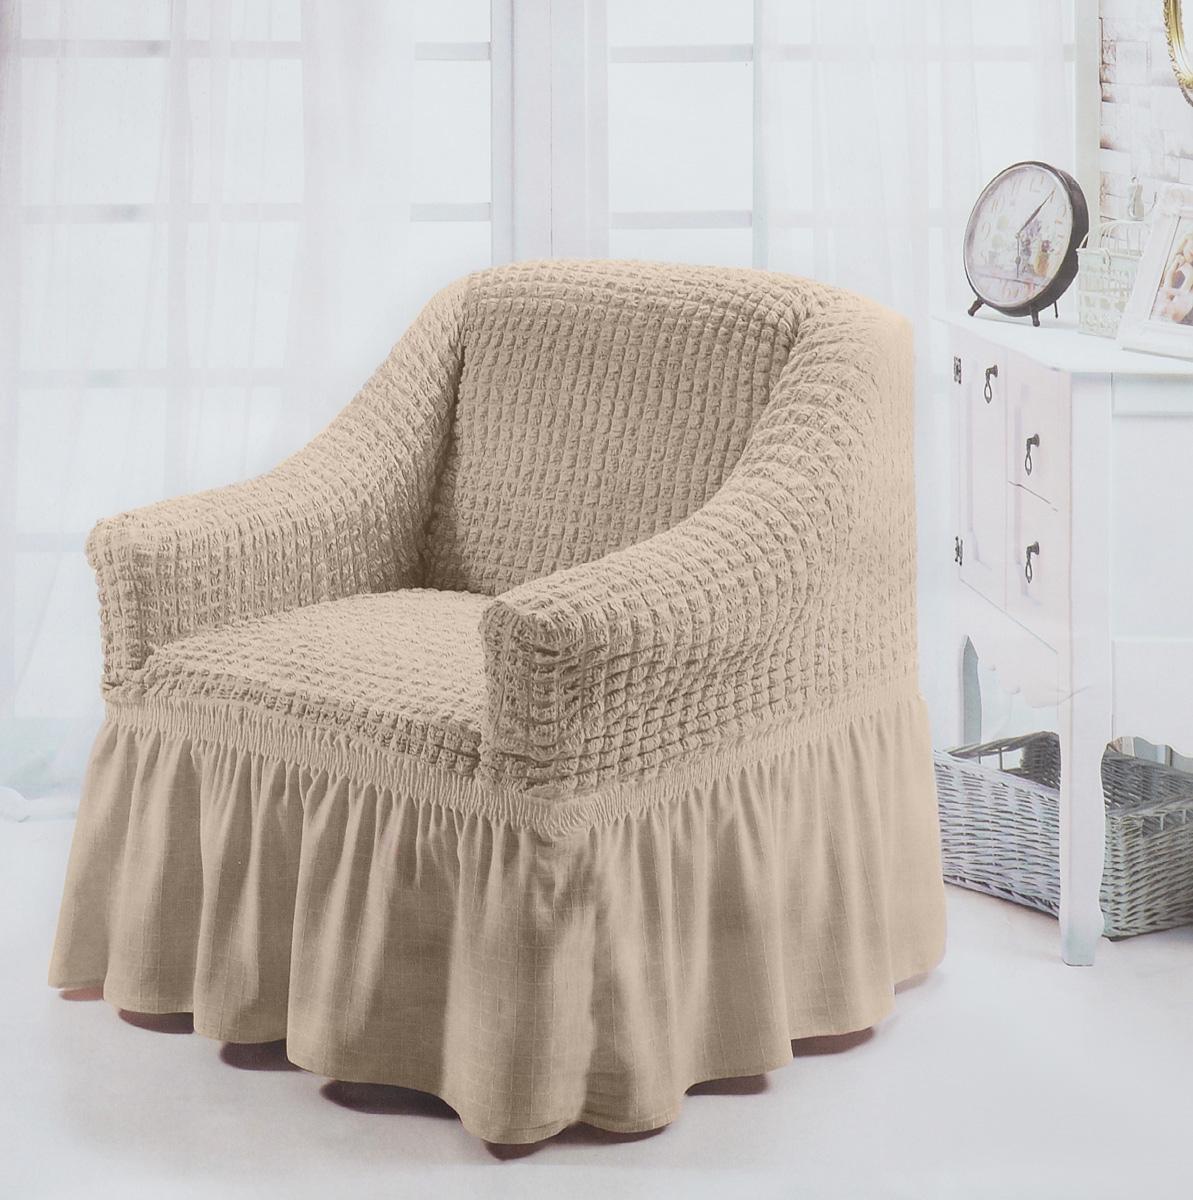 Чехол для кресла Burumcuk Bulsan, цвет: кофейный1797/CHAR012Чехол на кресло Burumcuk Bulsan выполнен из высококачественного полиэстера и хлопка с красивым рельефом. Предназначен для кресла стандартного размера со спинкой высотой в 140 см. Такой чехол изысканно дополнит интерьер вашего дома. Изделие оснащено закрывающей оборкой. Ширина и глубина посадочного места: 70-80 см. Высота спинки от сиденья: 70-80 см. Высота подлокотников: 35-45 см. Ширина подлокотников: 25-35 см. Длина оборки: 35 см.